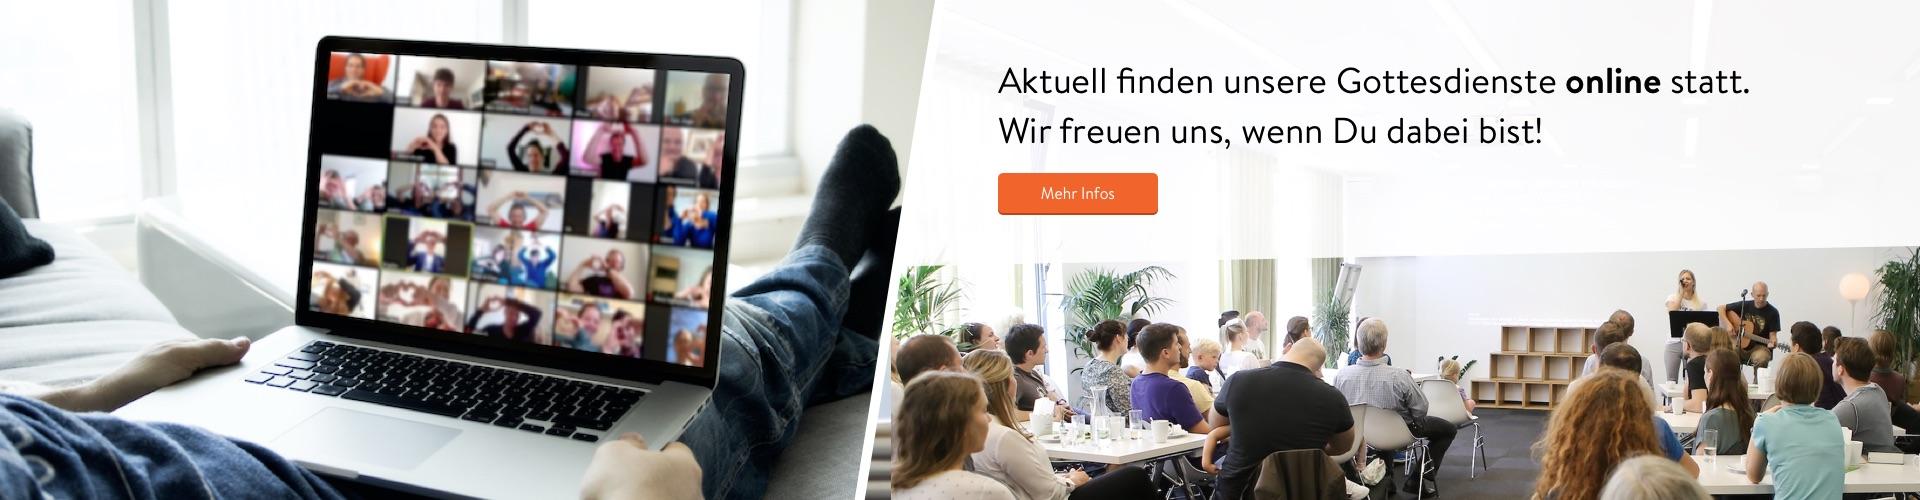 Evangelischer_Gottesdienst_Citychurch_Muenchen_Livestream